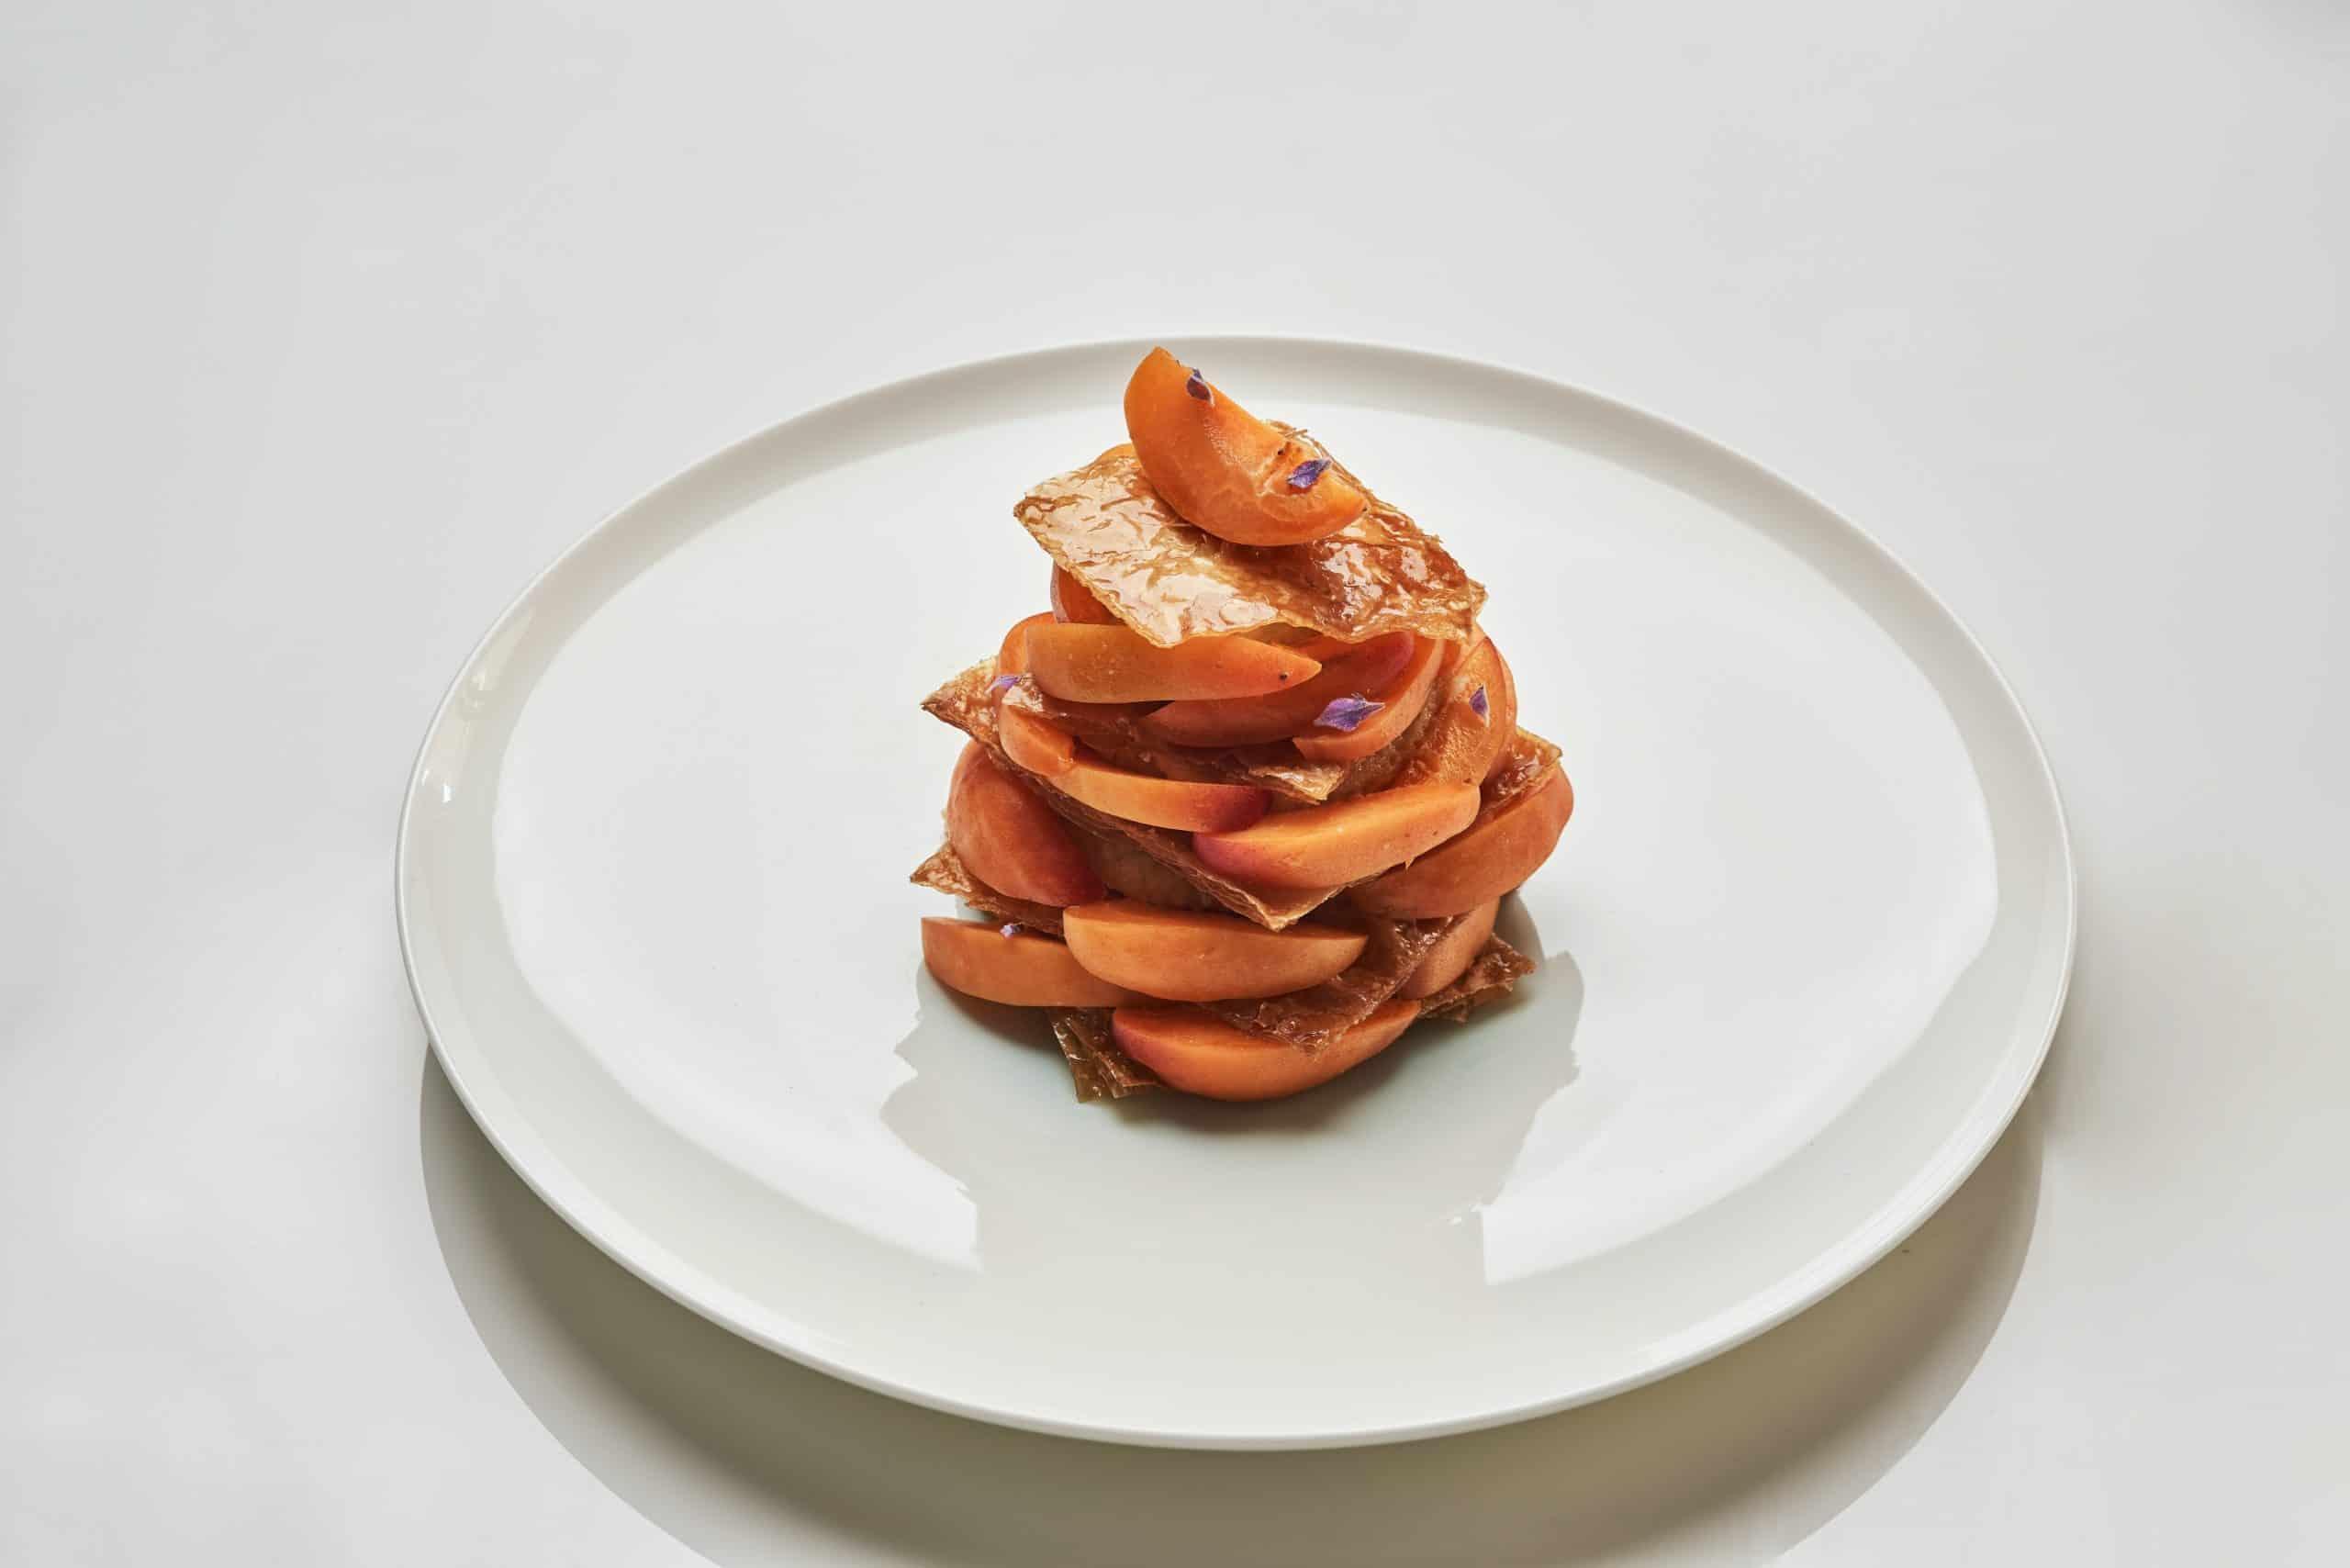 Pied à Terre Apricot Greek Milk Pie recipe